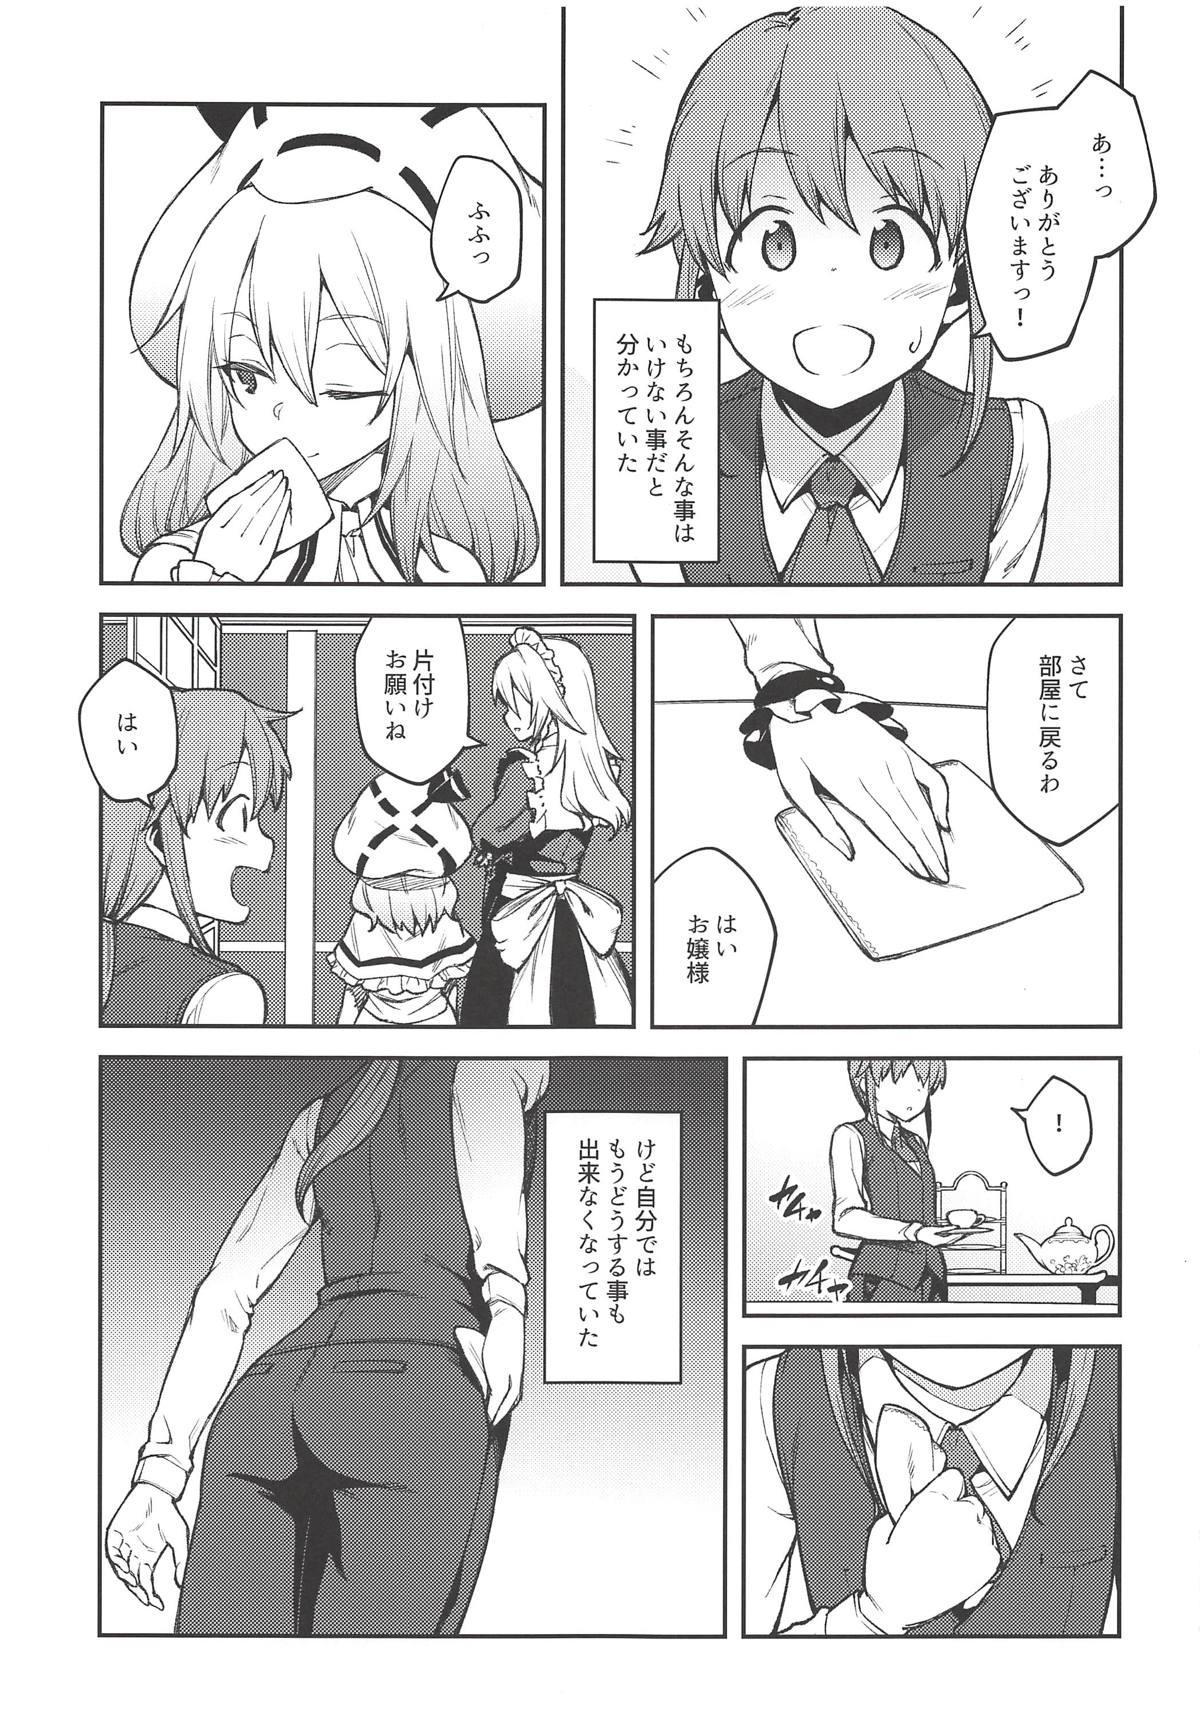 Koumakan no Goshujin-sama 3